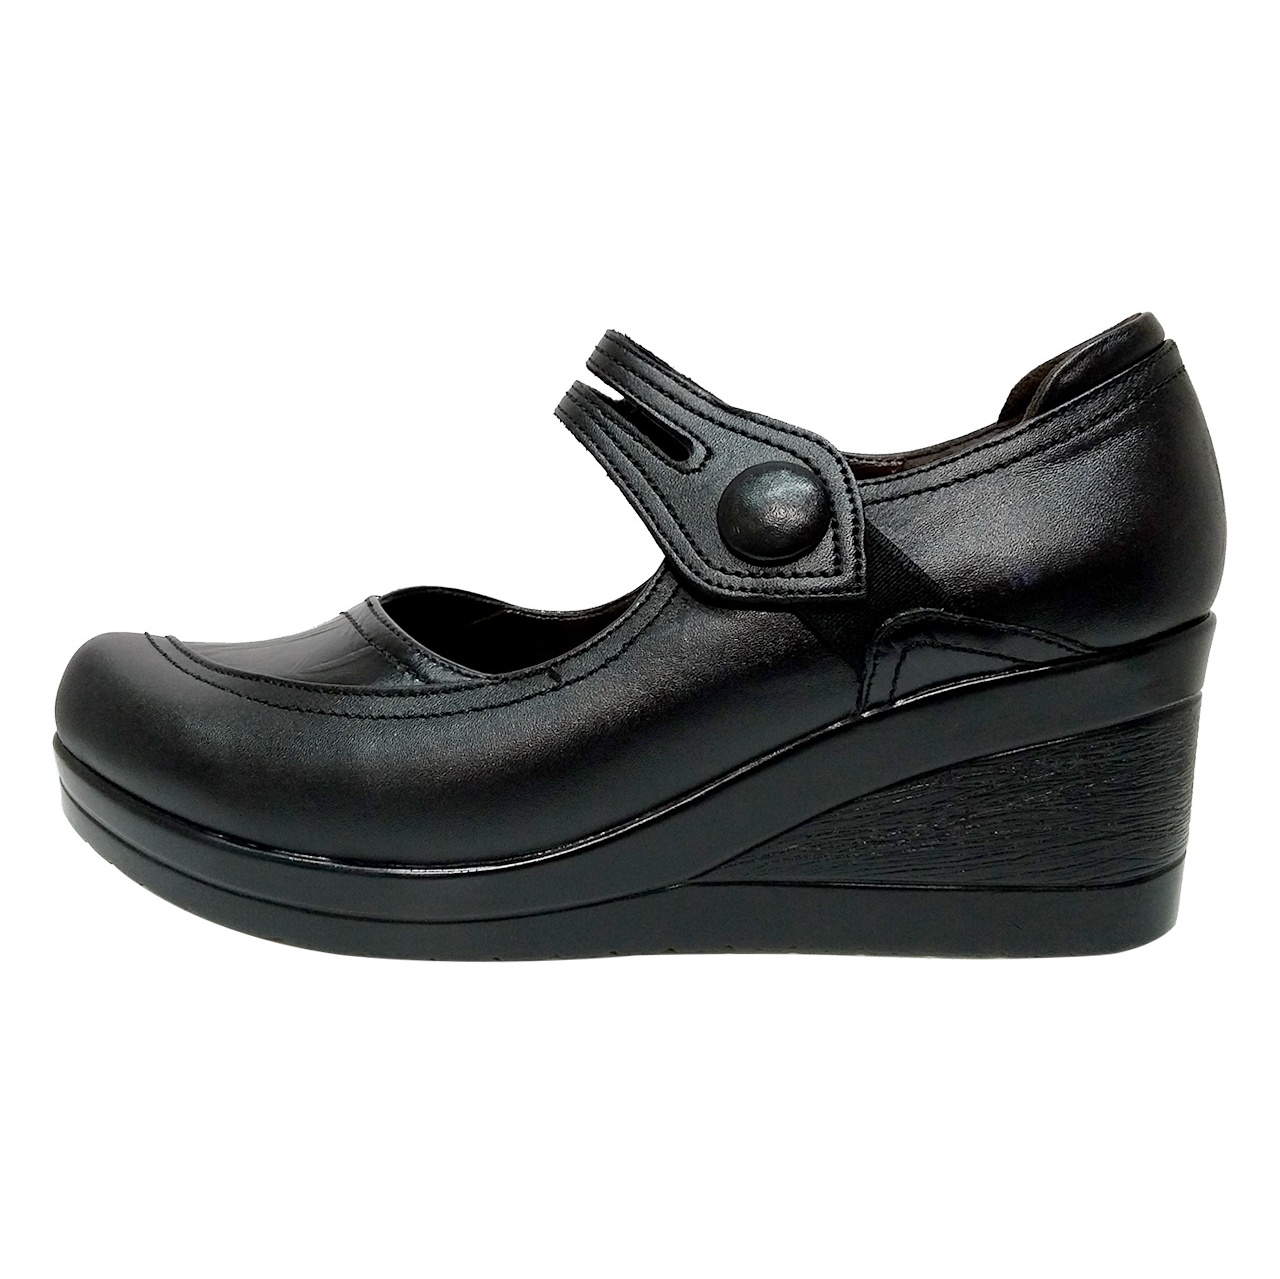 خرید                      کفش زنانه روشن مدل شبنم کد 01